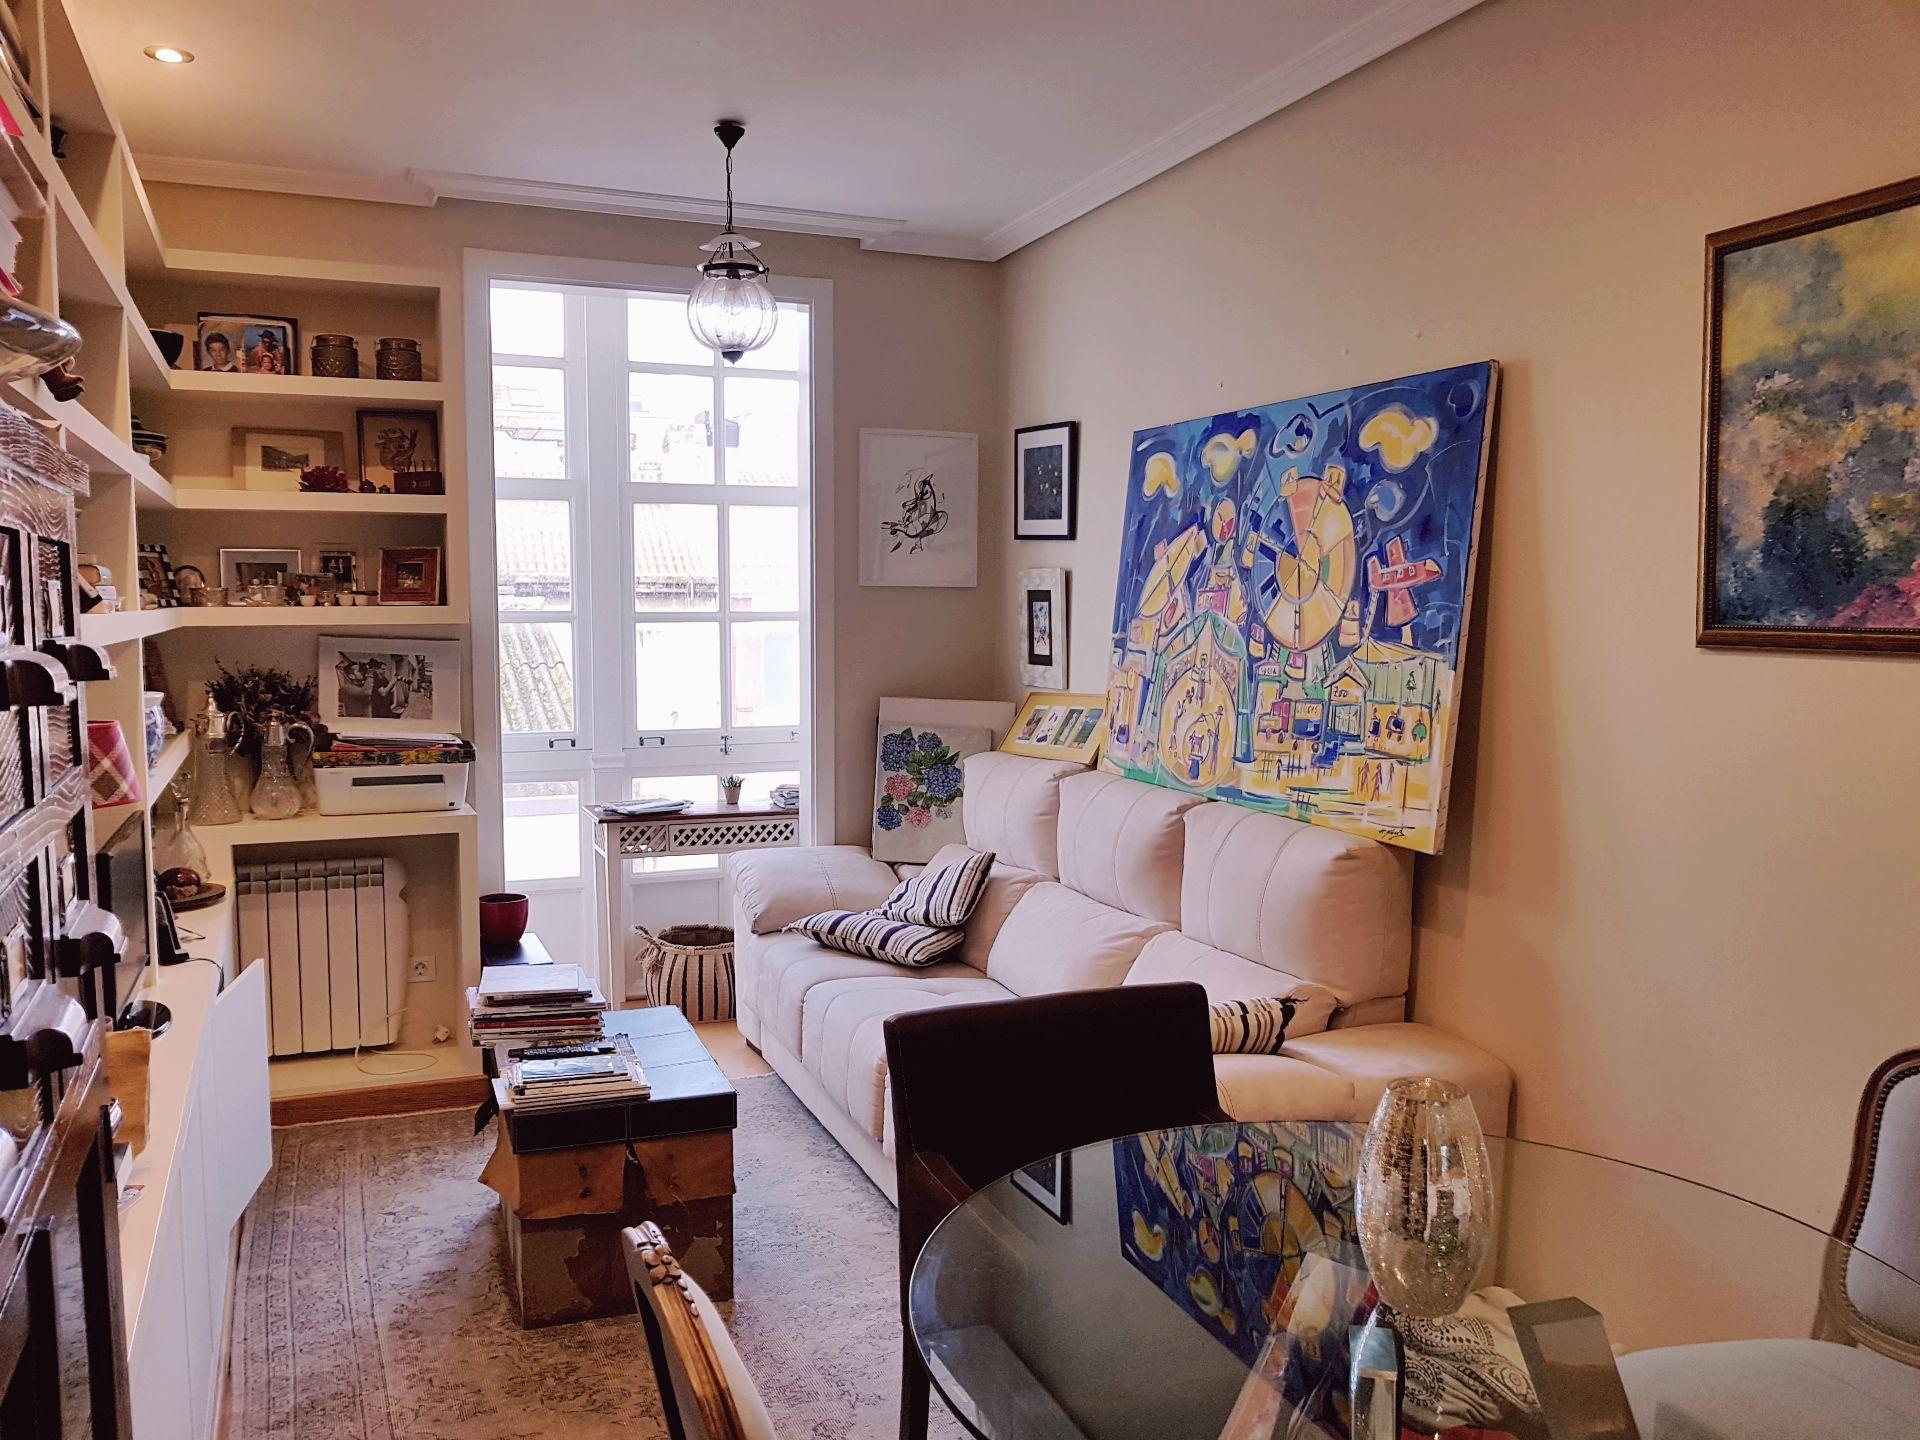 Apartamento em A Coruña, Centro - San Andrés, venda